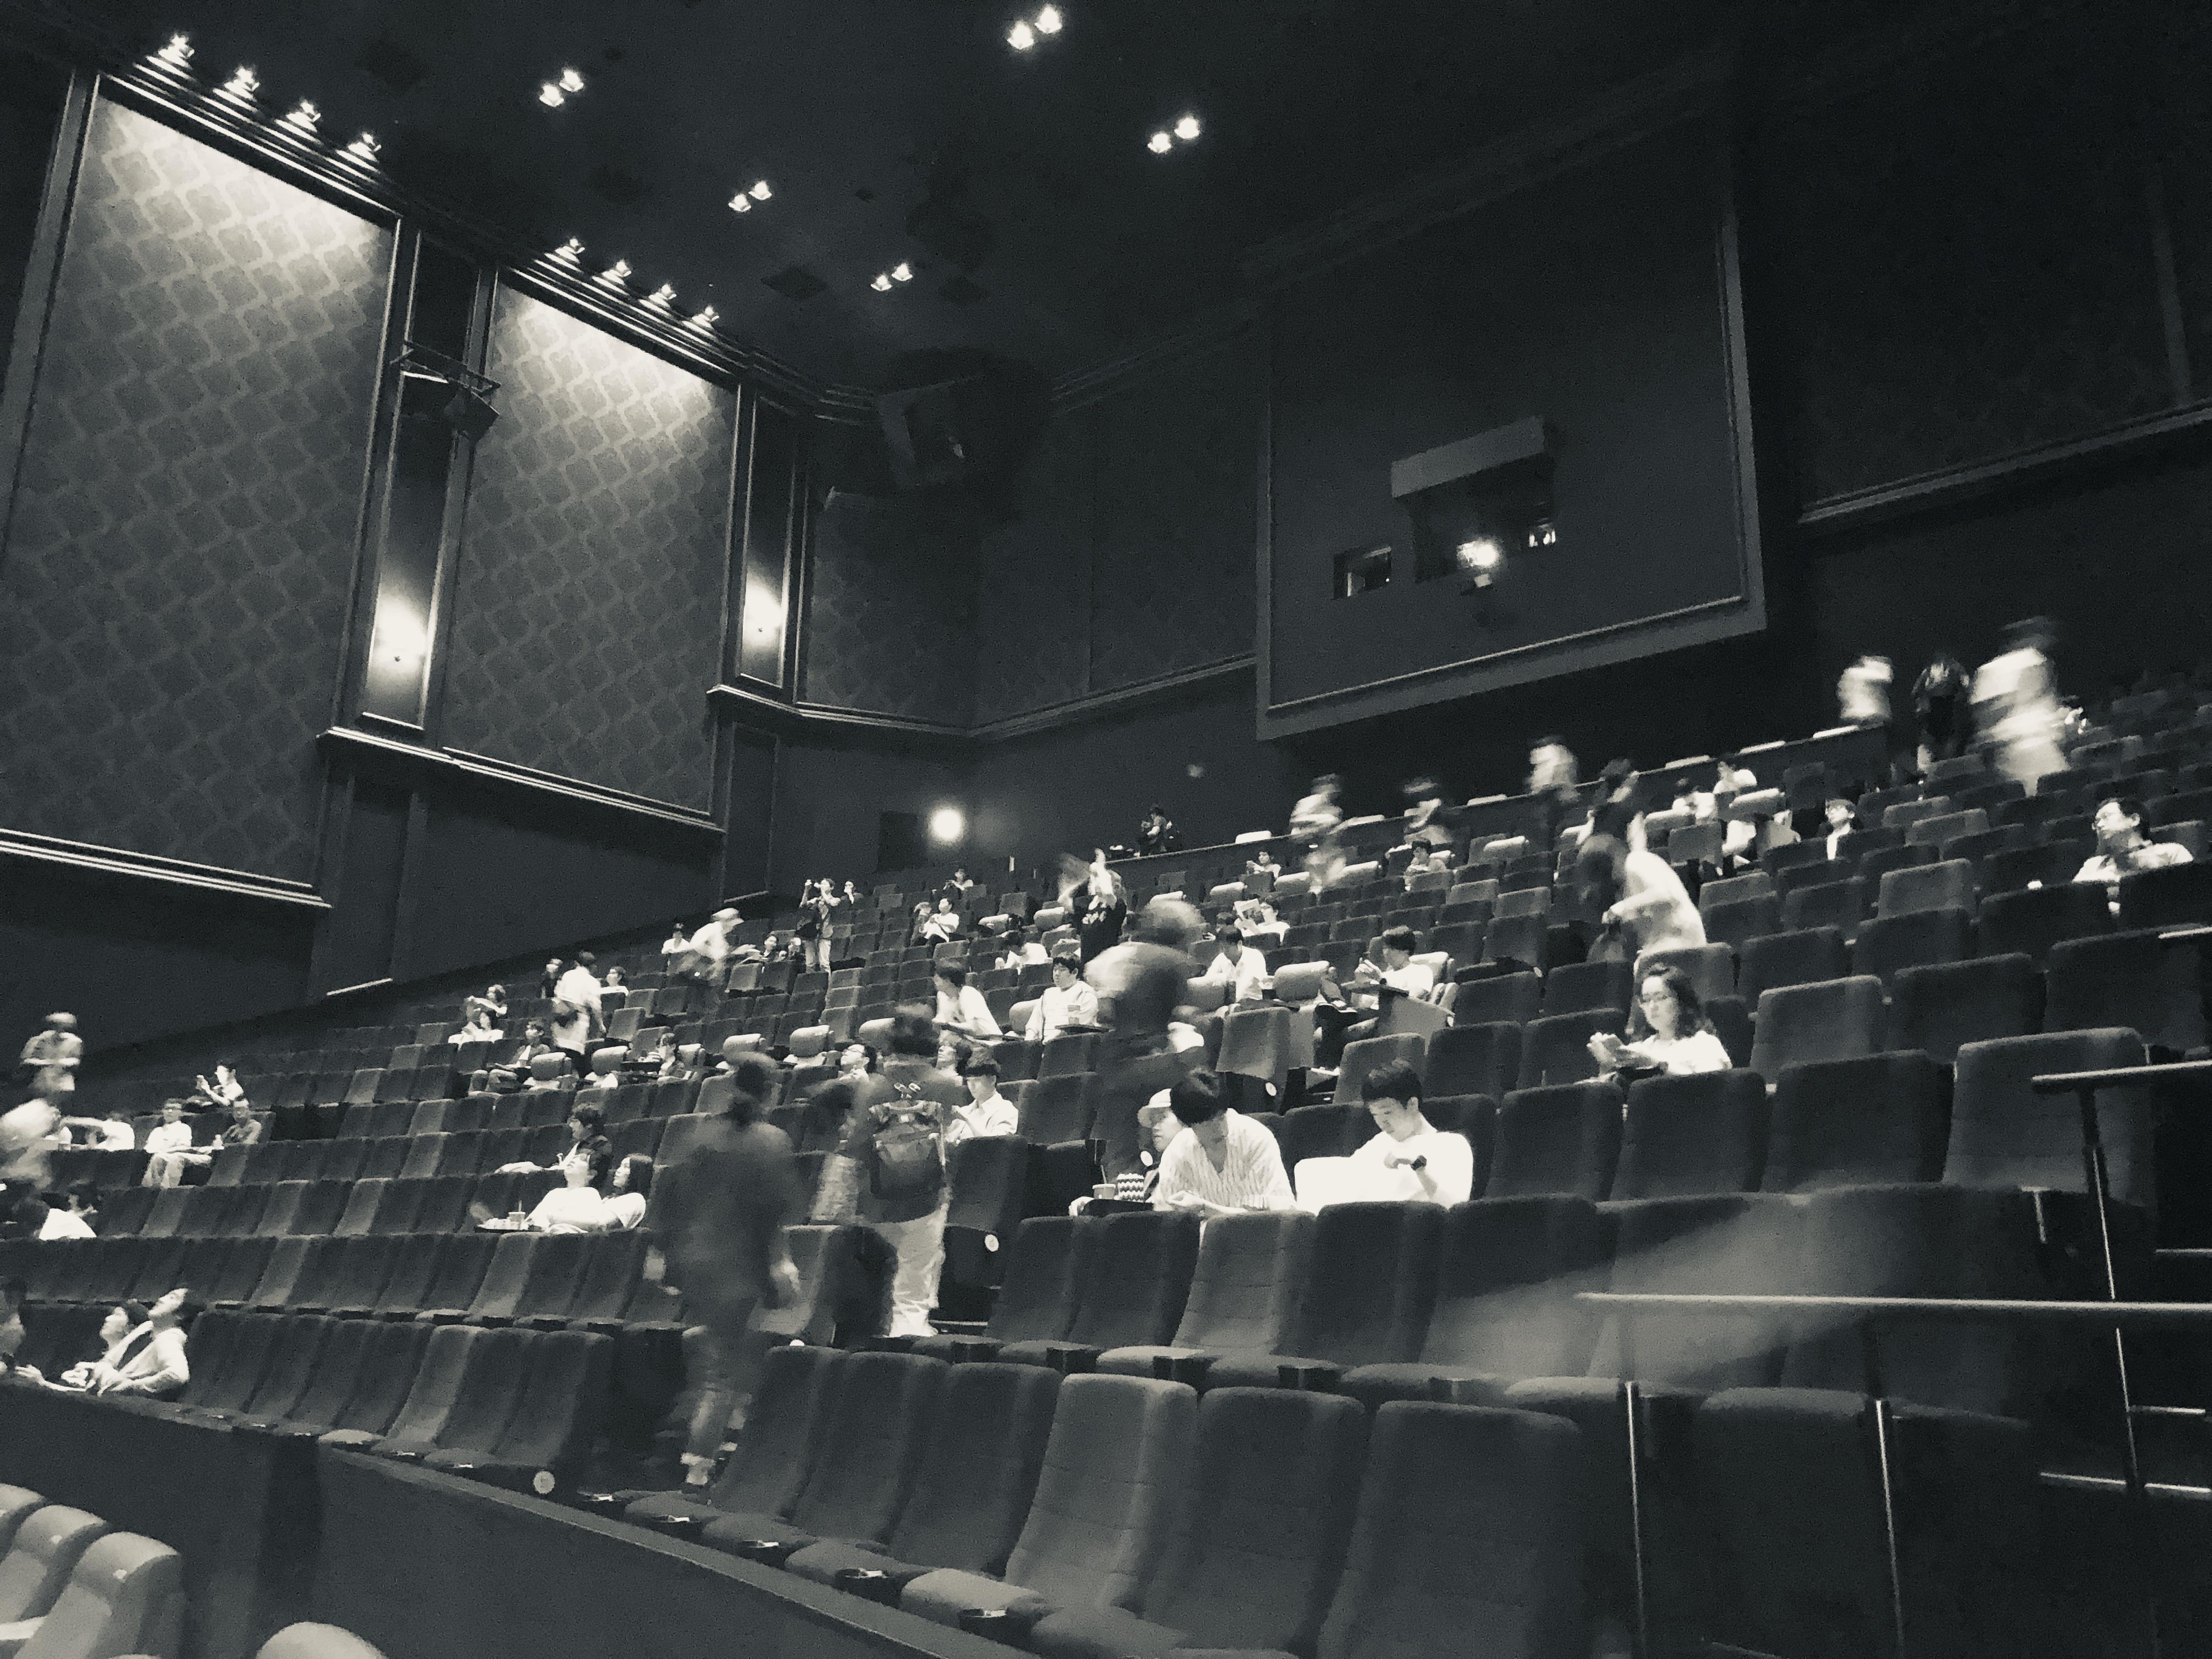 グランドシネマサンシャイン池袋リポート 劇場までの所要時間 雰囲気 Imaxシアター カフェレポetcチェ ブンブンのティーマ